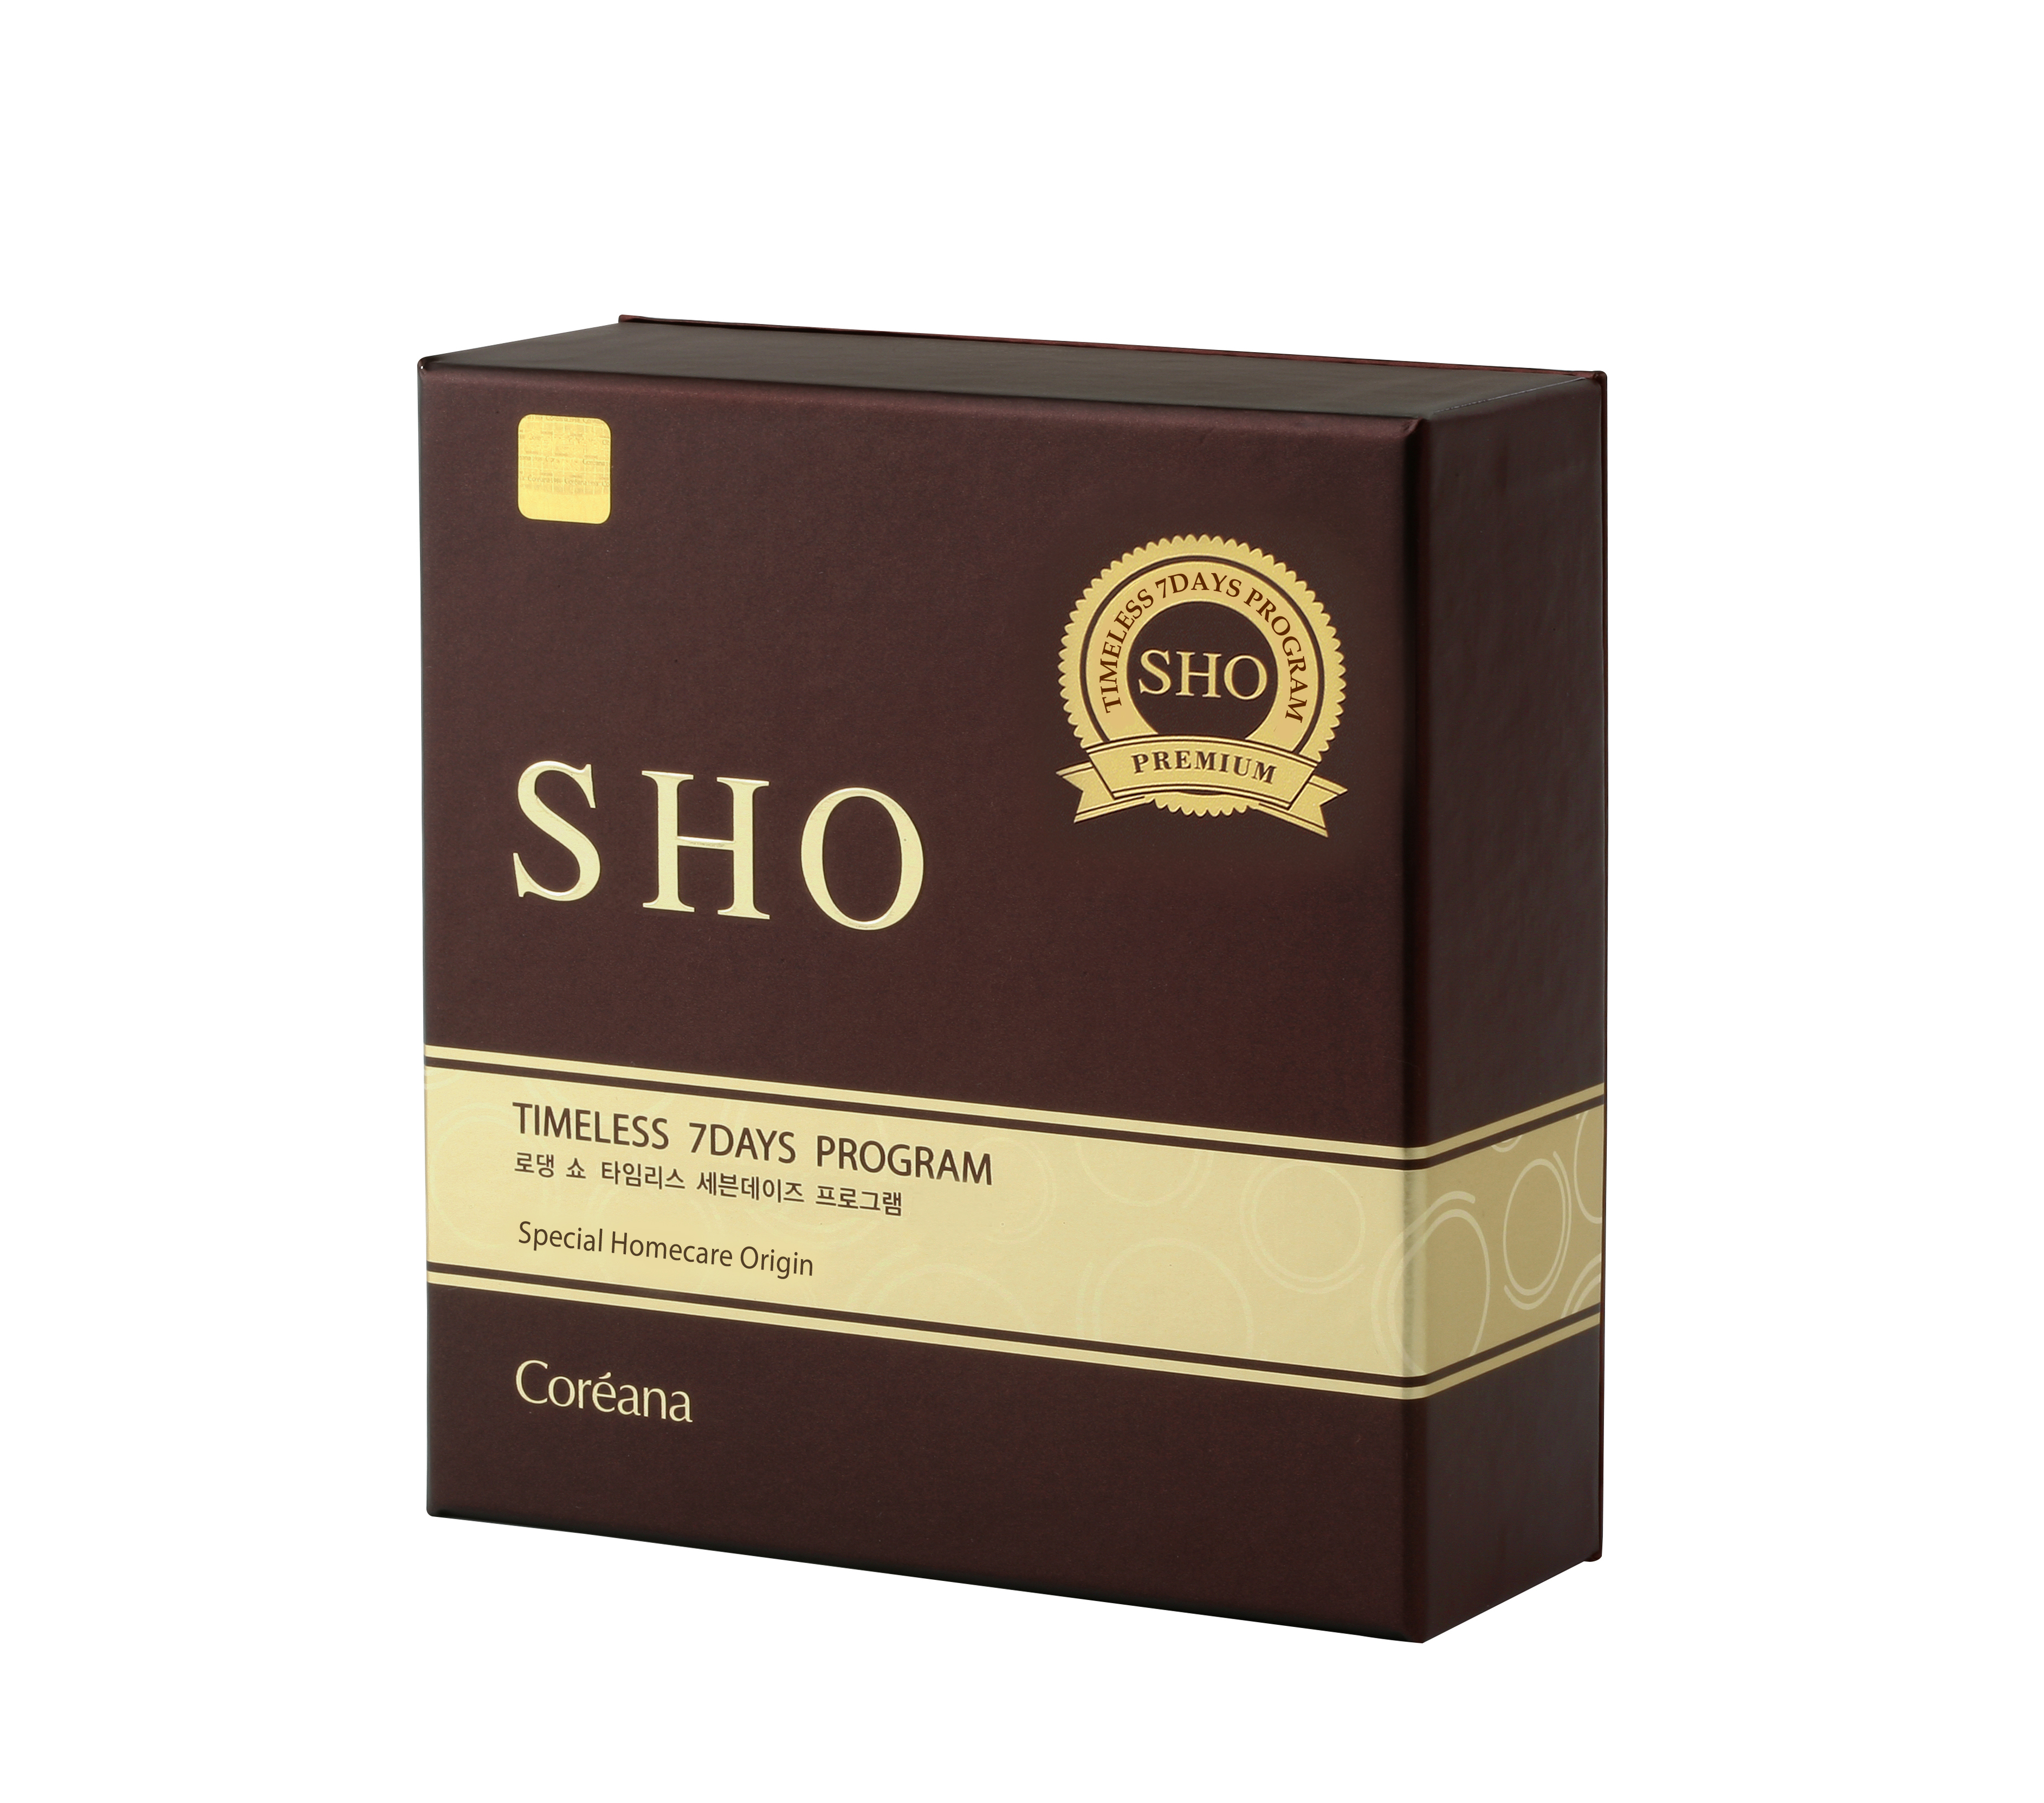 Bộ tinh chất Ampoule + kem dưỡng mặt 7 ngày chống lão hóa chuyên sâu Rodin SHO Timeless 7 Days Program - thương hiệu Rodin SHO